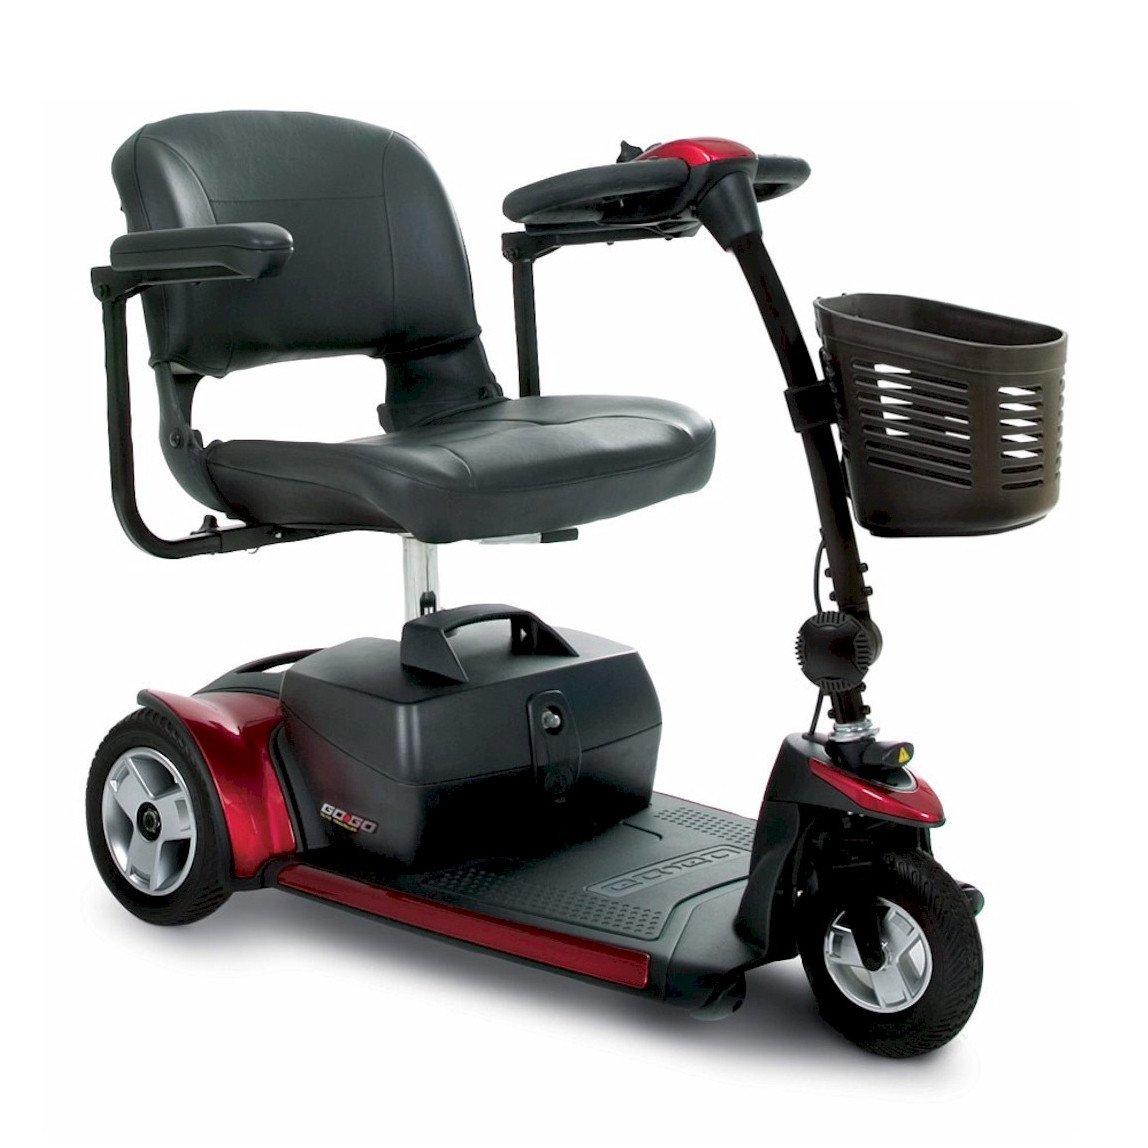 Go-Go Elite Traveller Plus 3-Wheel